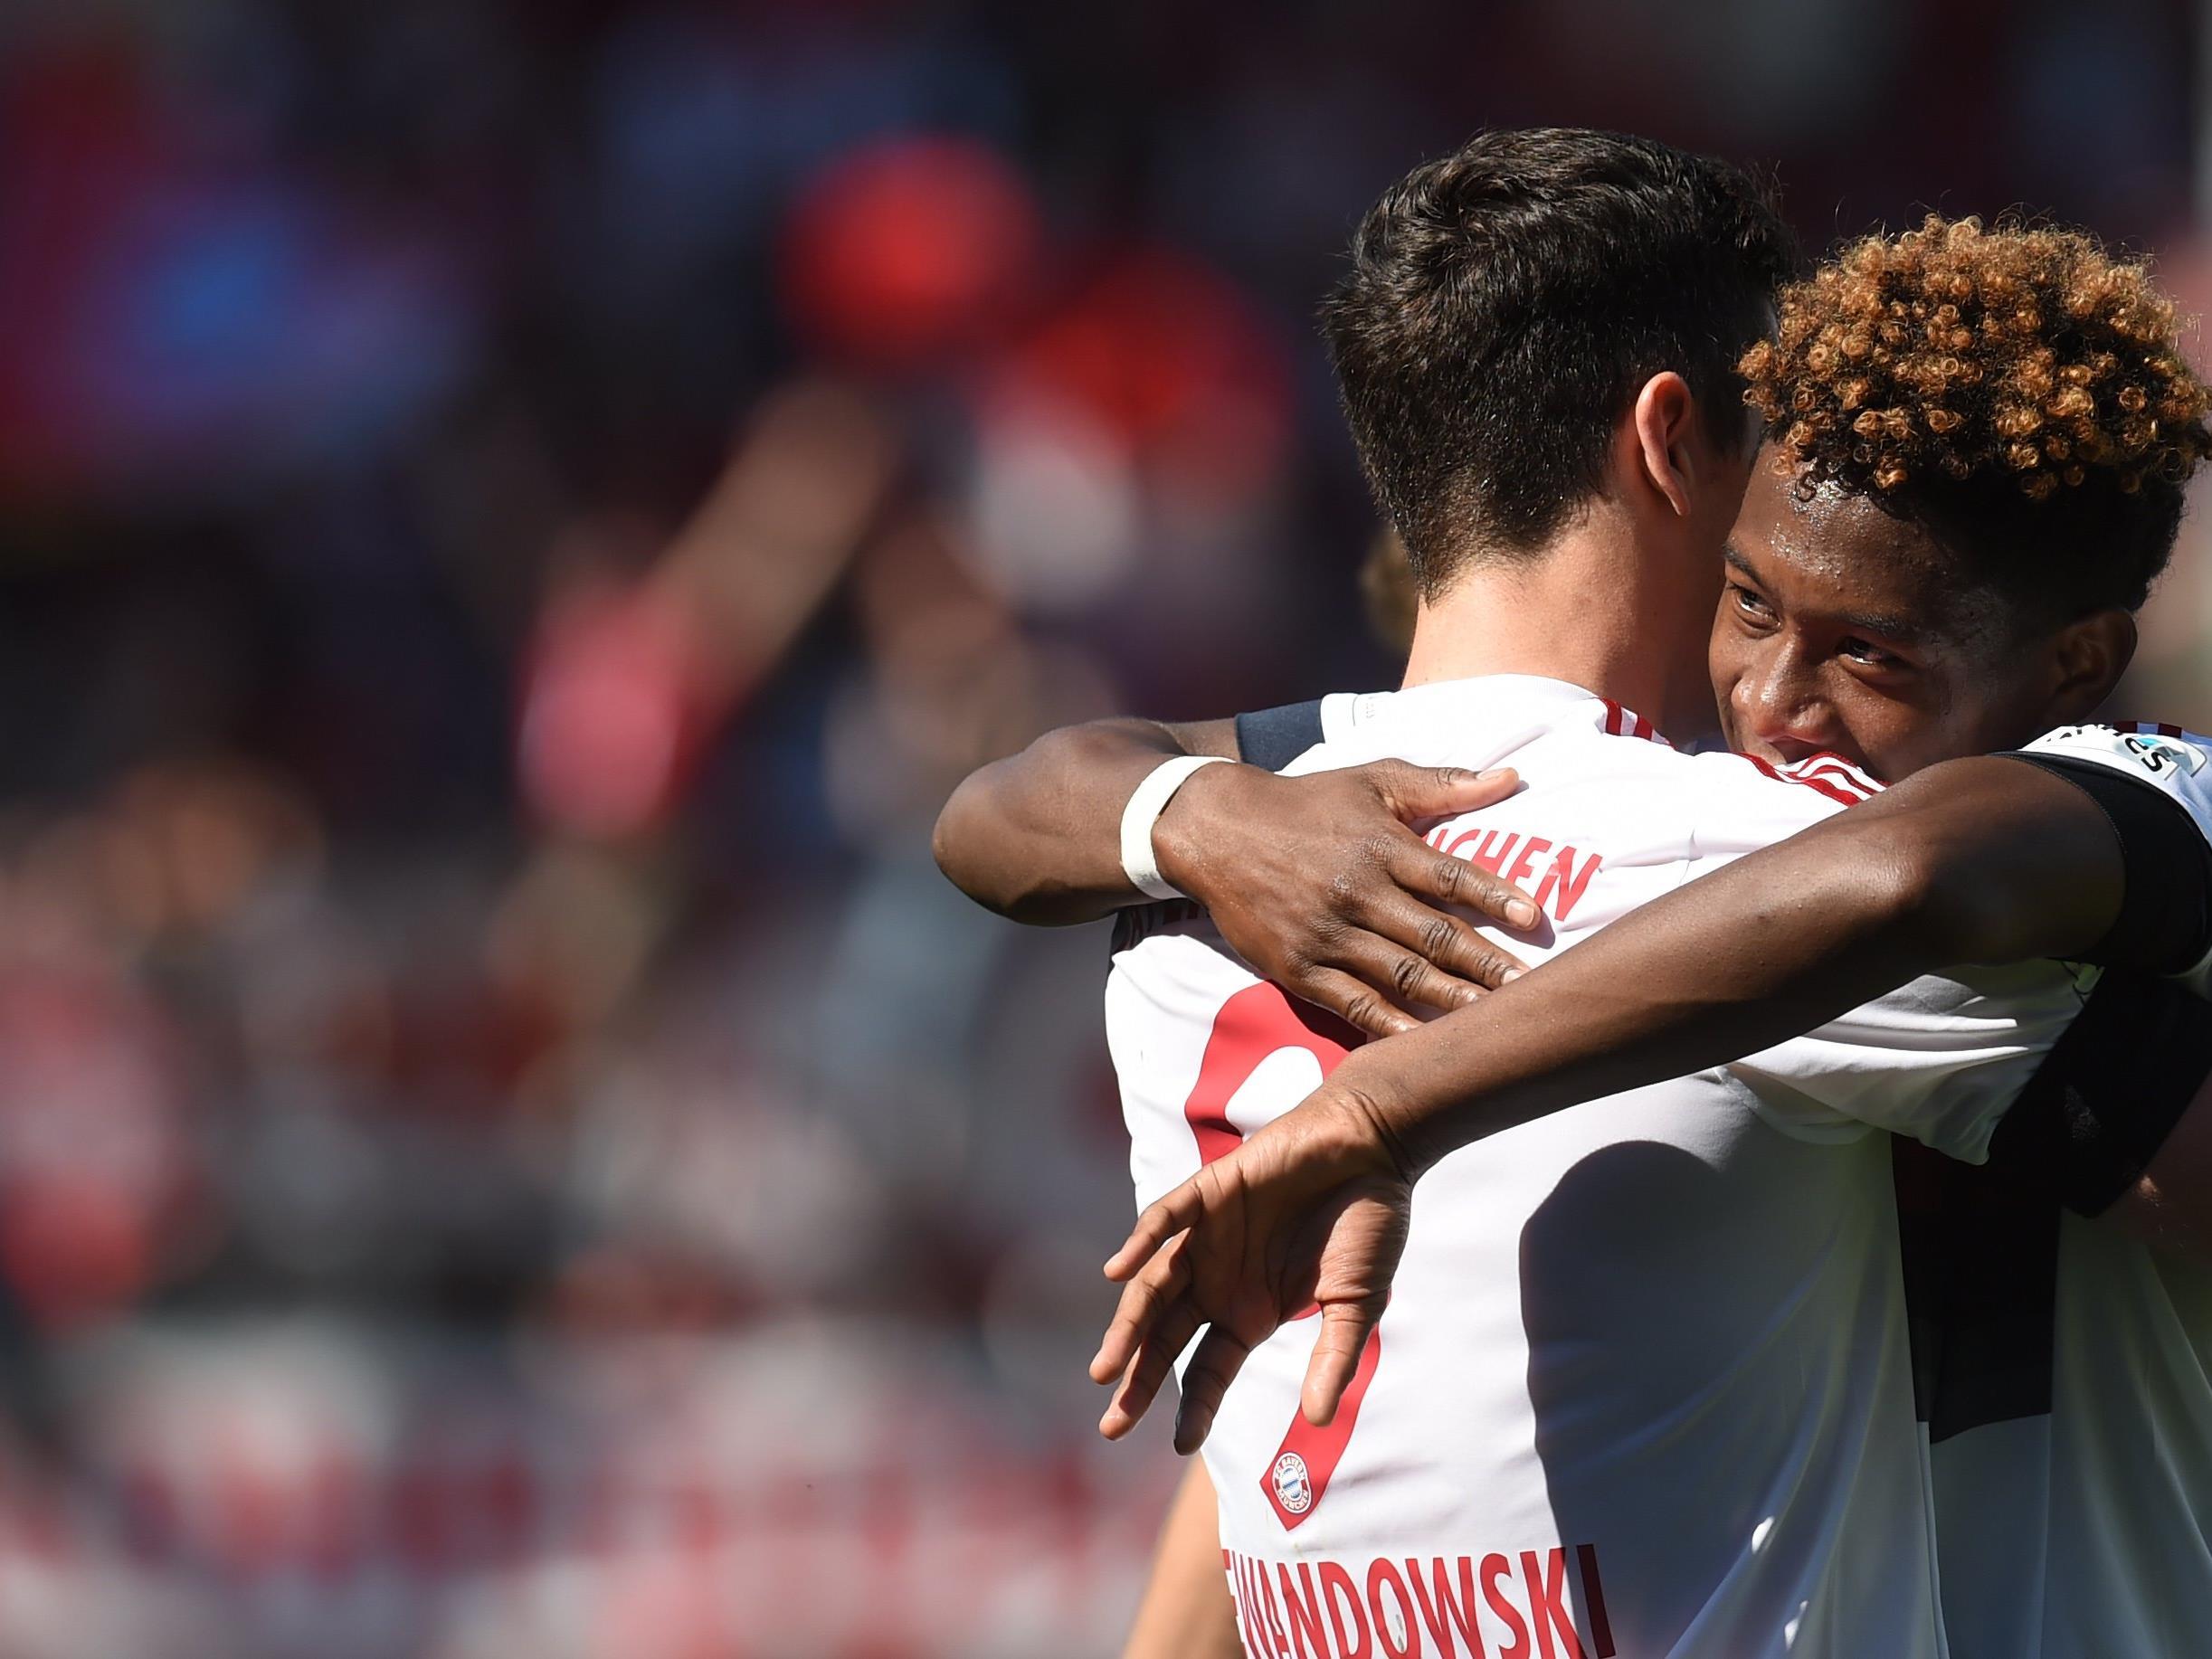 Zum vierten Mal in Folge holt sich Bayern München den Titel.